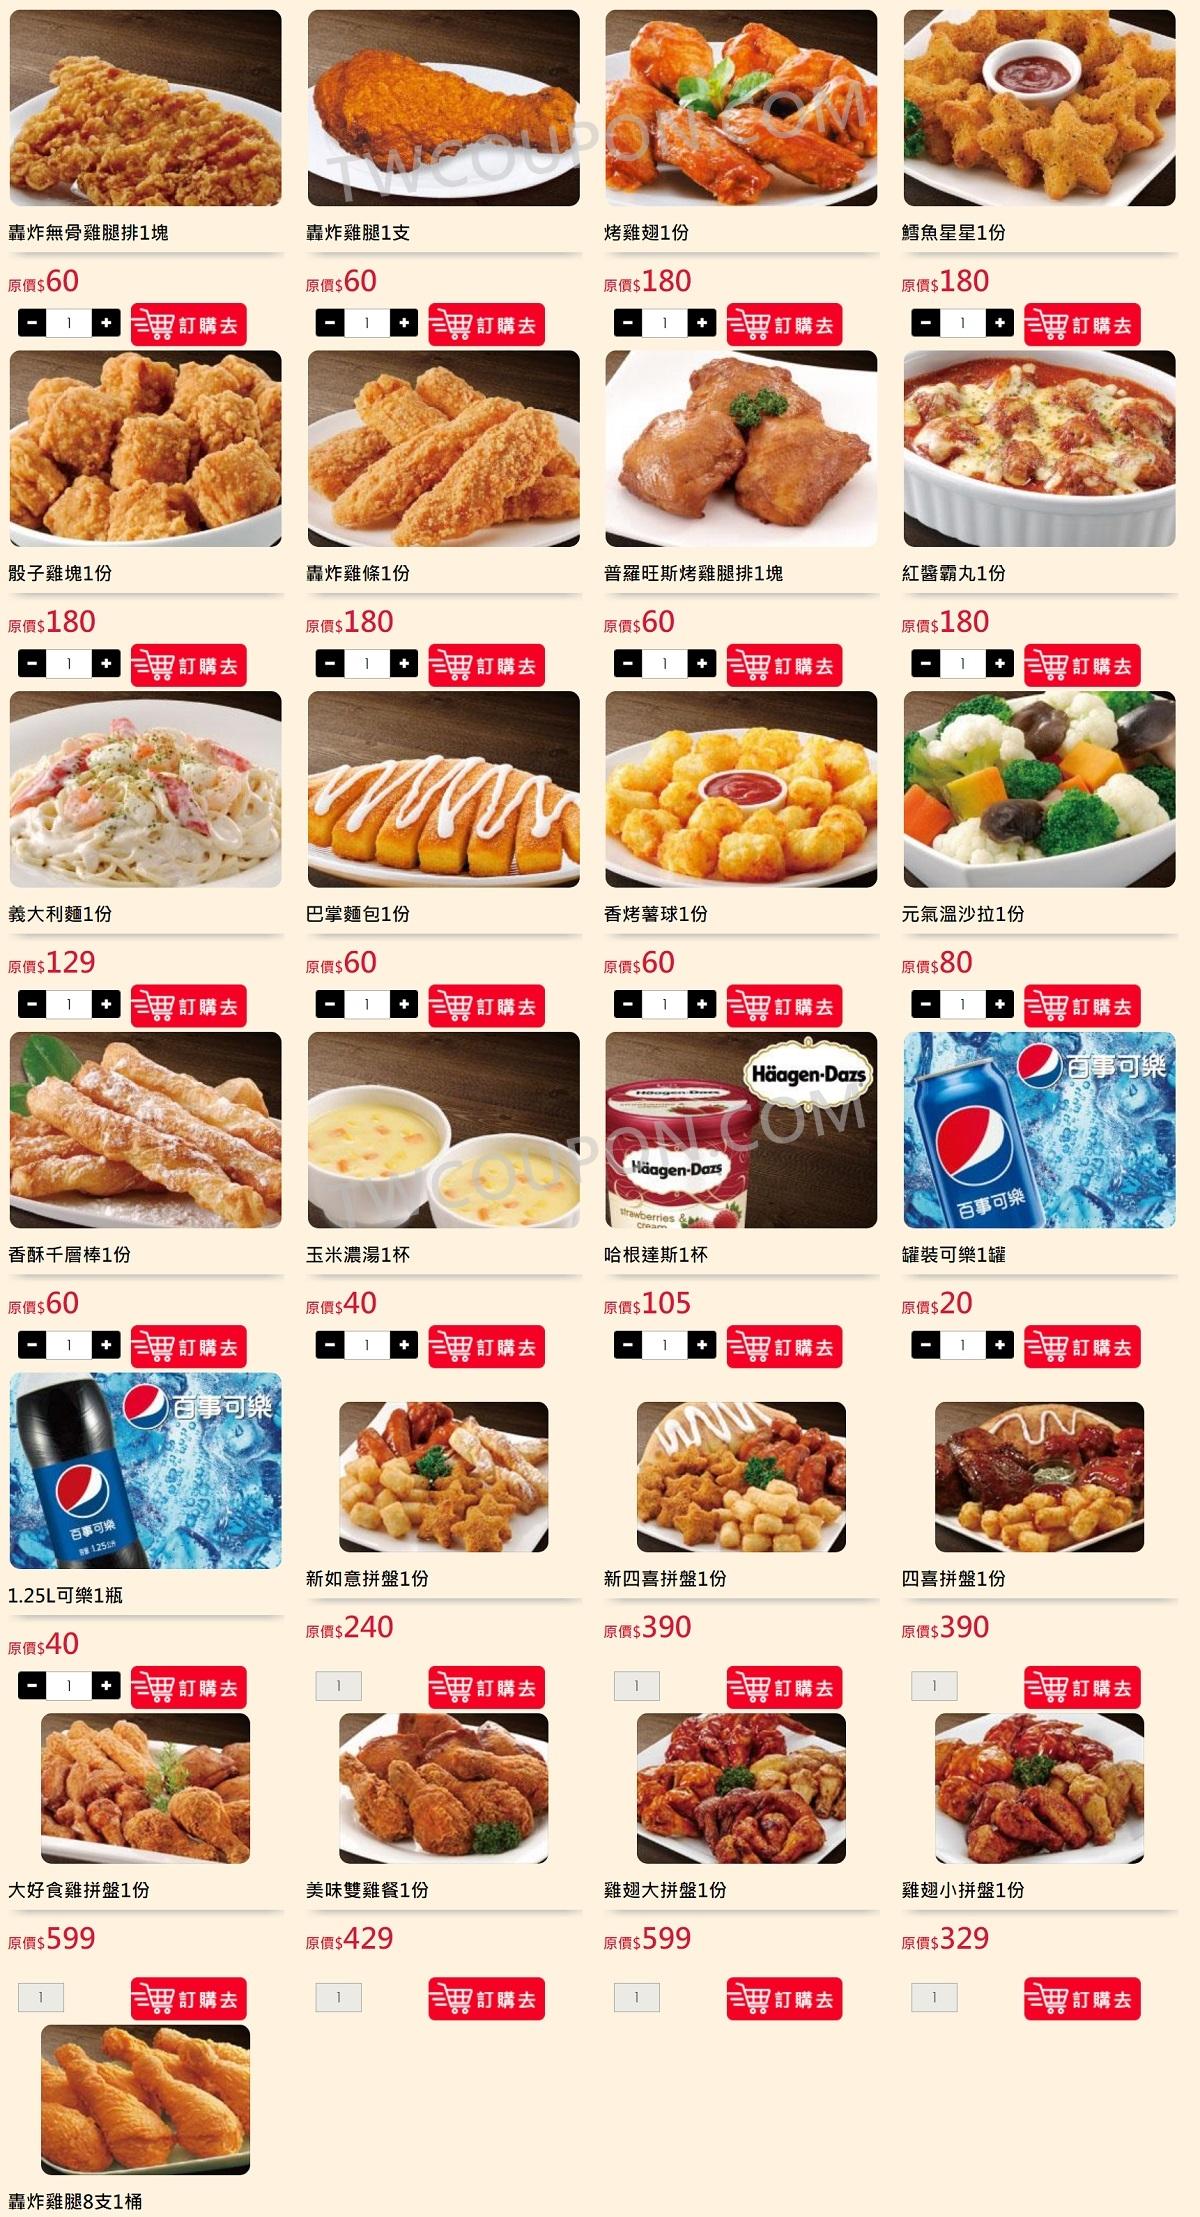 達美樂副食價目表